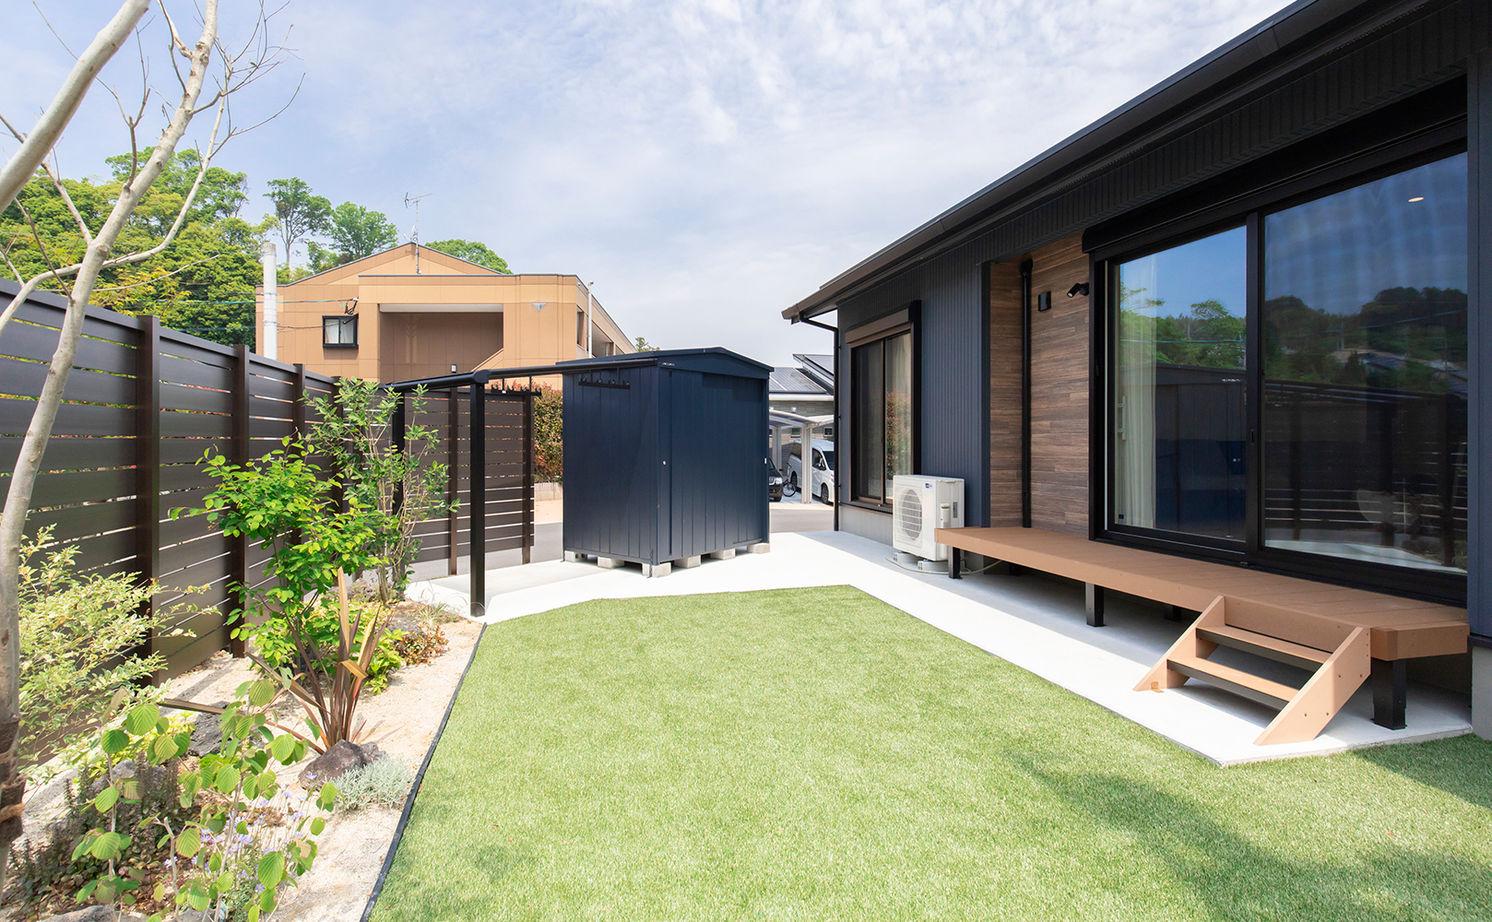 平屋でのびのび暮らしたい!木の温もりとセンスのいい家具、ZEHの省エネ性もしっかり画像2